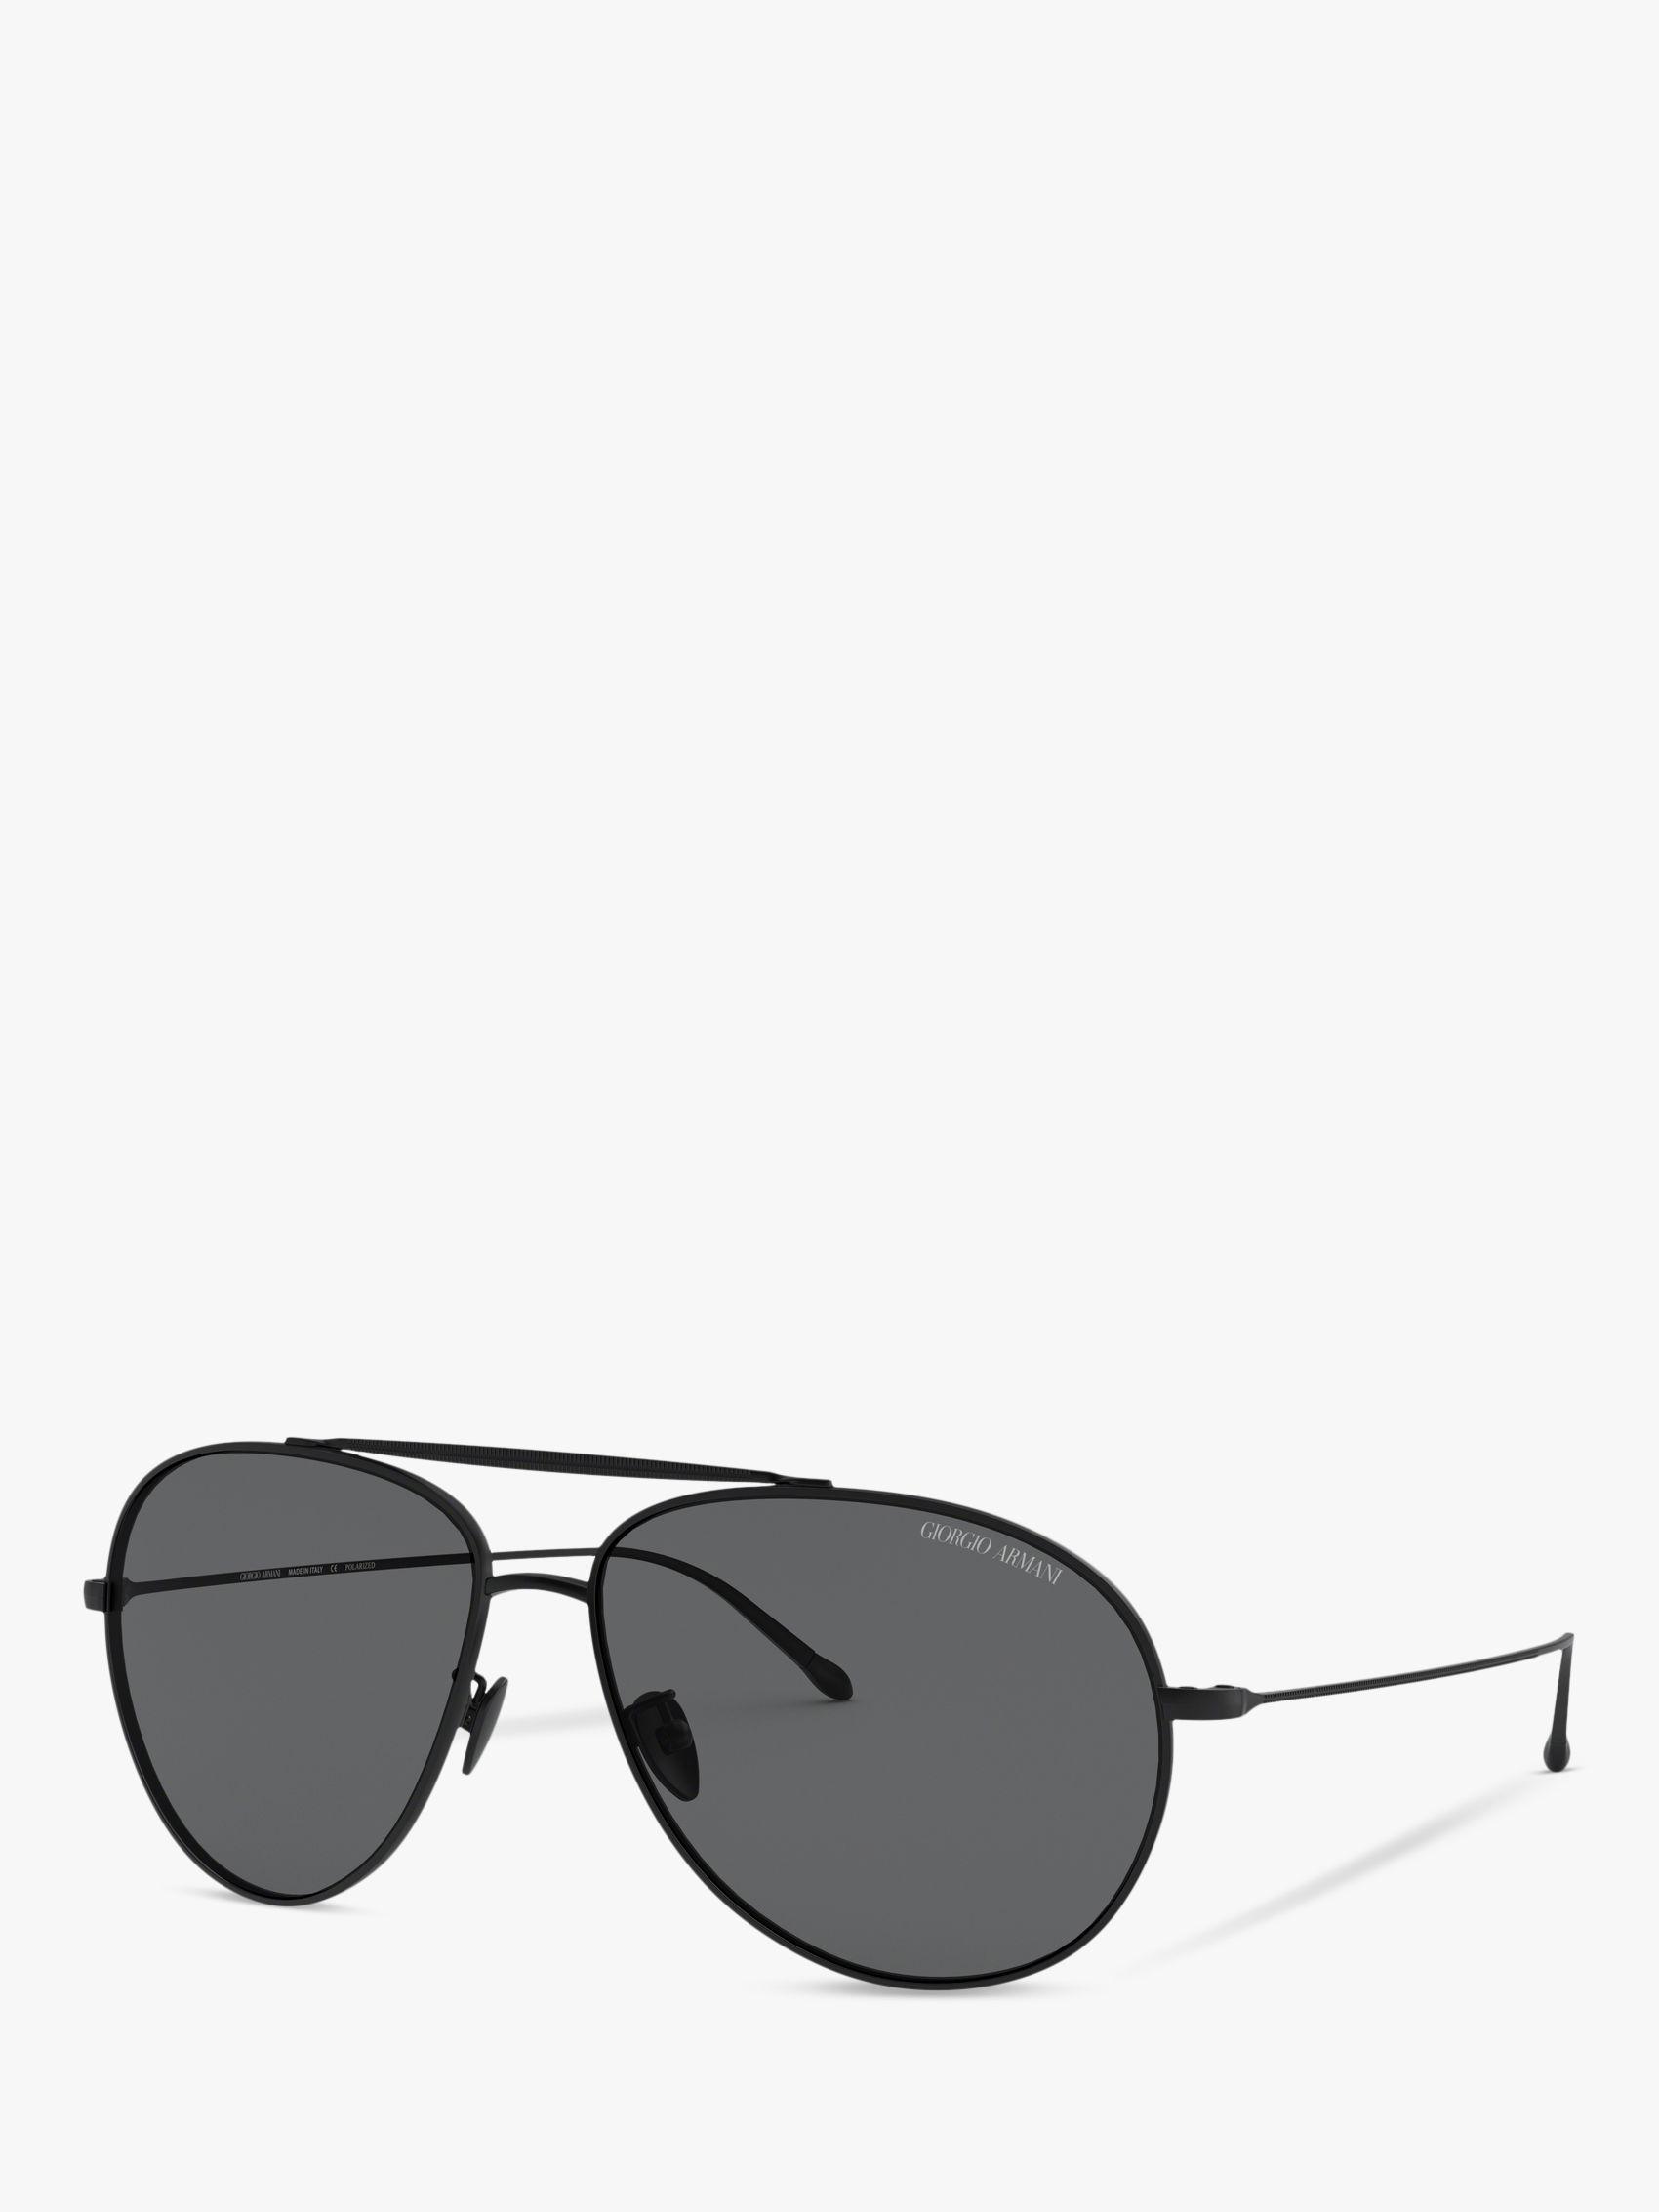 Giorgio Armani Giorgio Armani AR6093 Men's Polarised Aviator Sunglasses, Matte Black/Grey